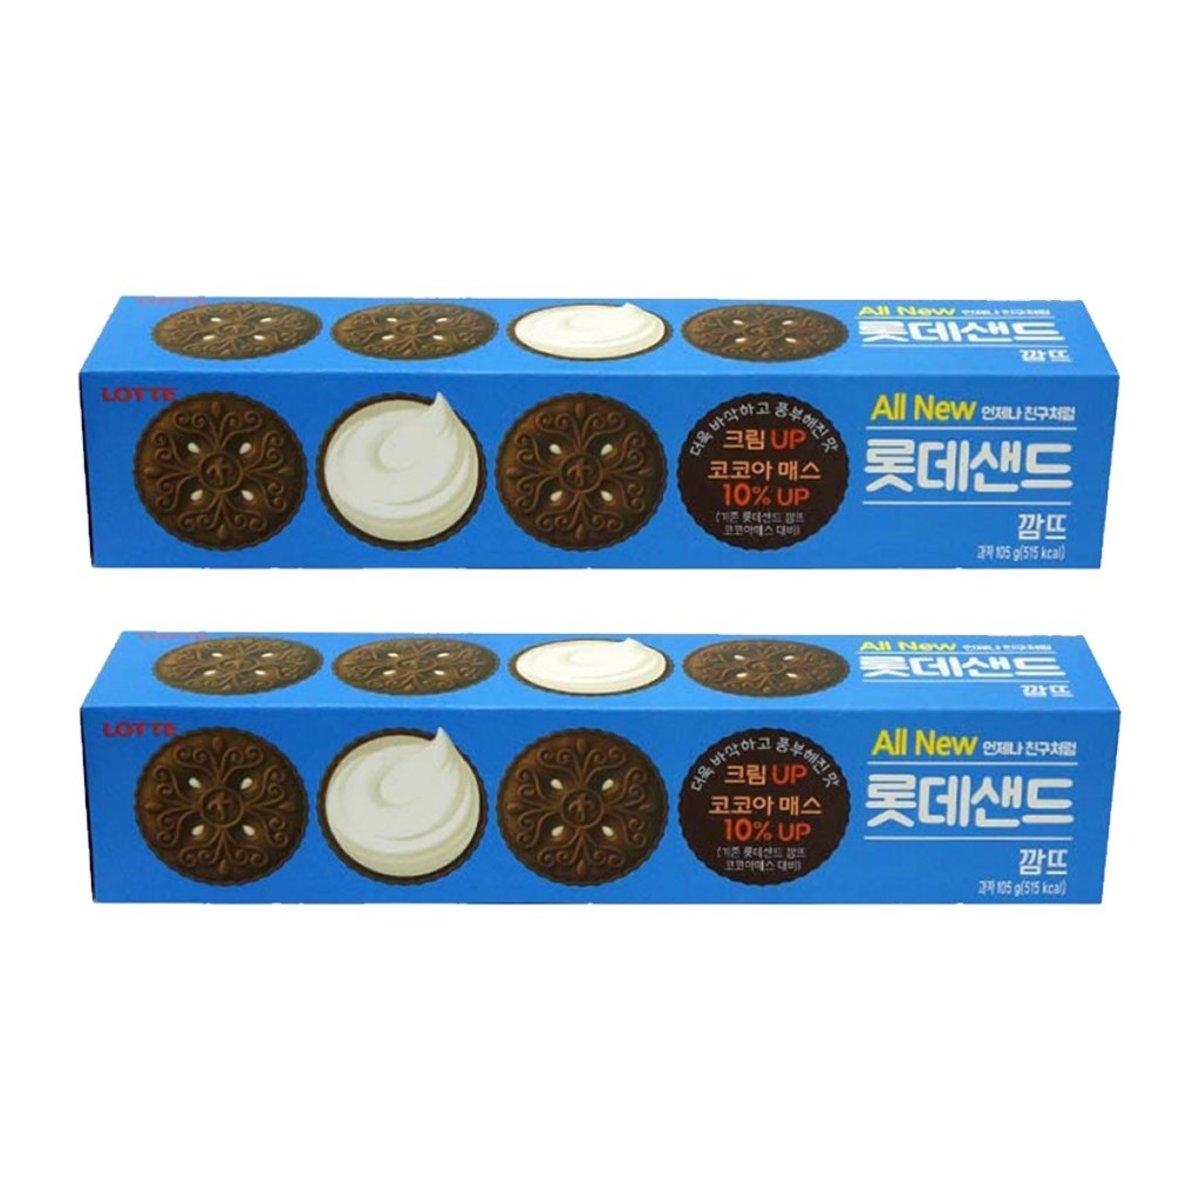 Sand Cookies - Original Flavor 105g x 2